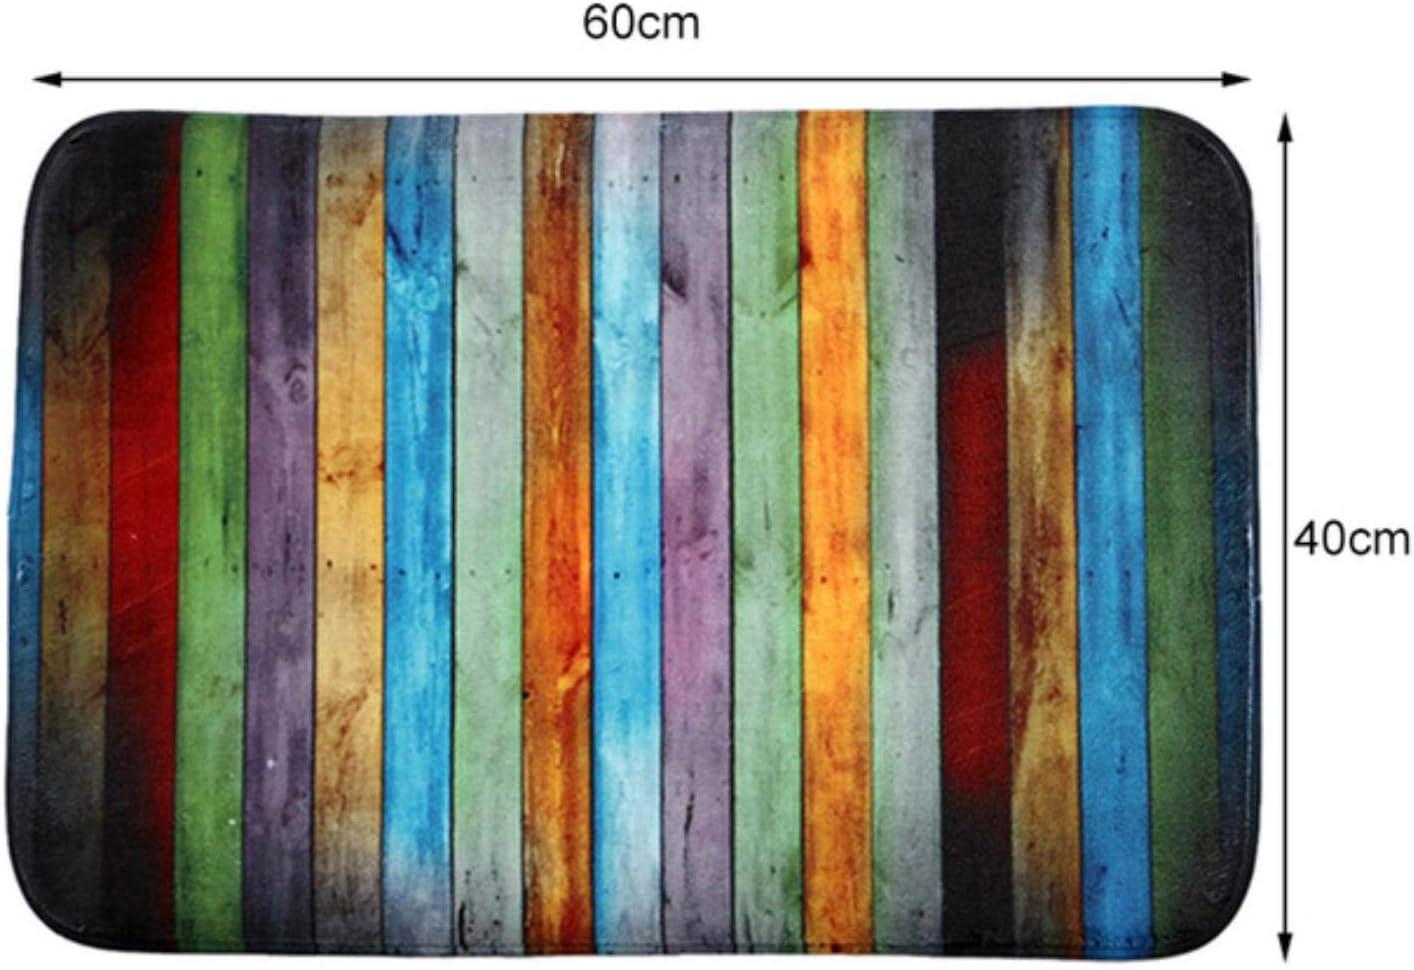 40x60cm GGZX Nouvelle Chambre /à Coucher en Bois color/ée Devant des Tapis antid/érapants Tapis de Bain 1PC Tapis Tapis de Salle de Bain Tapis Chine